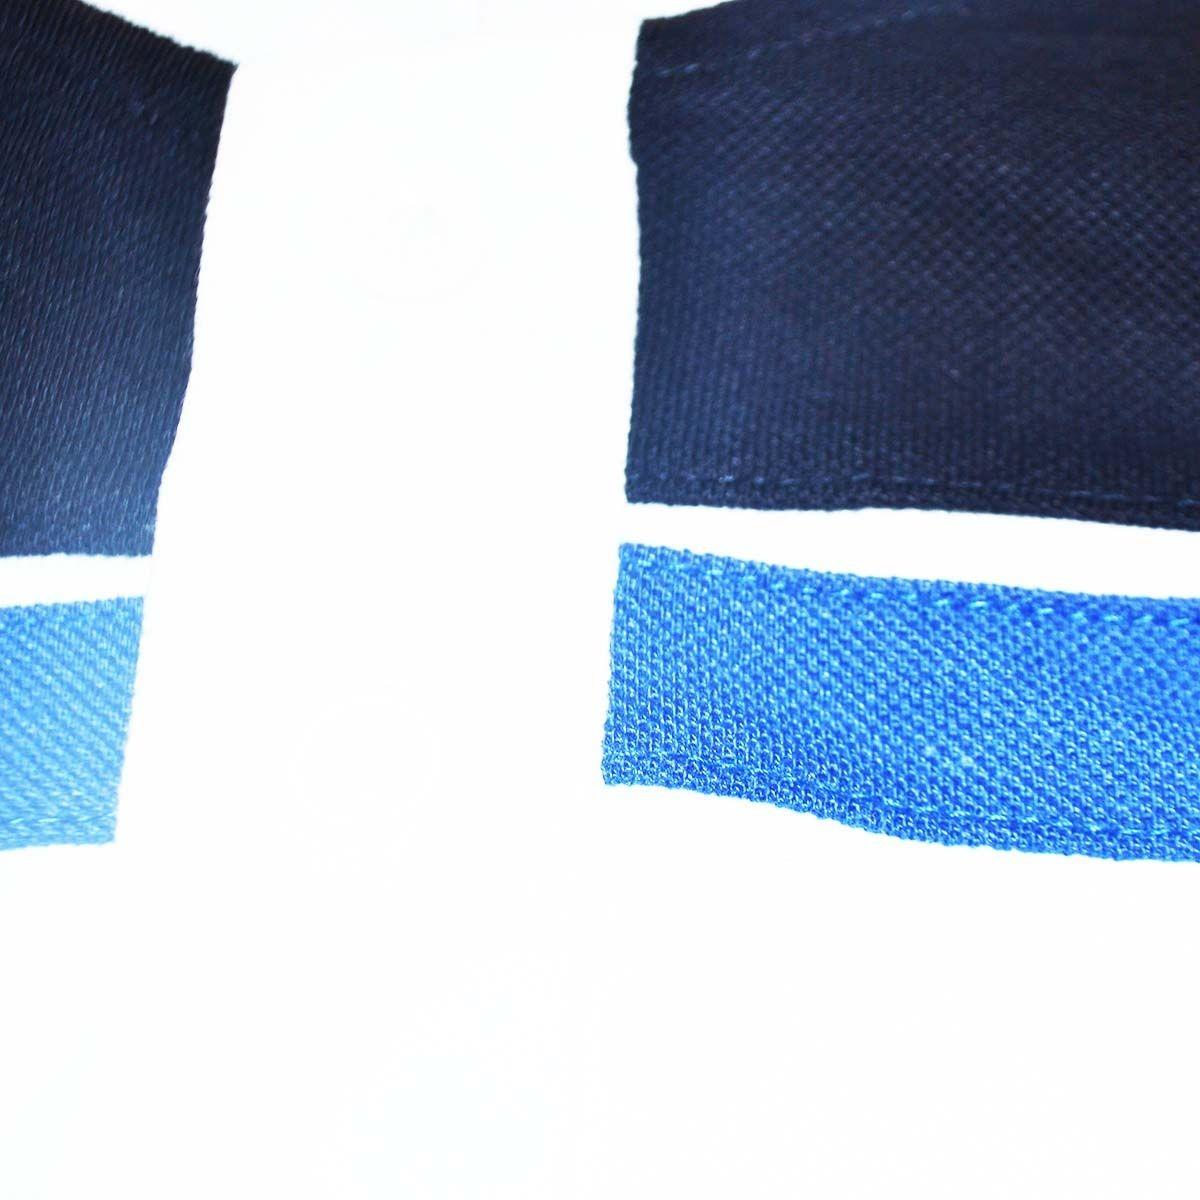 camisa polo penalty cruzeiro viagem 2015 jogador oficial. Carregando zoom. ca3eaea60447c